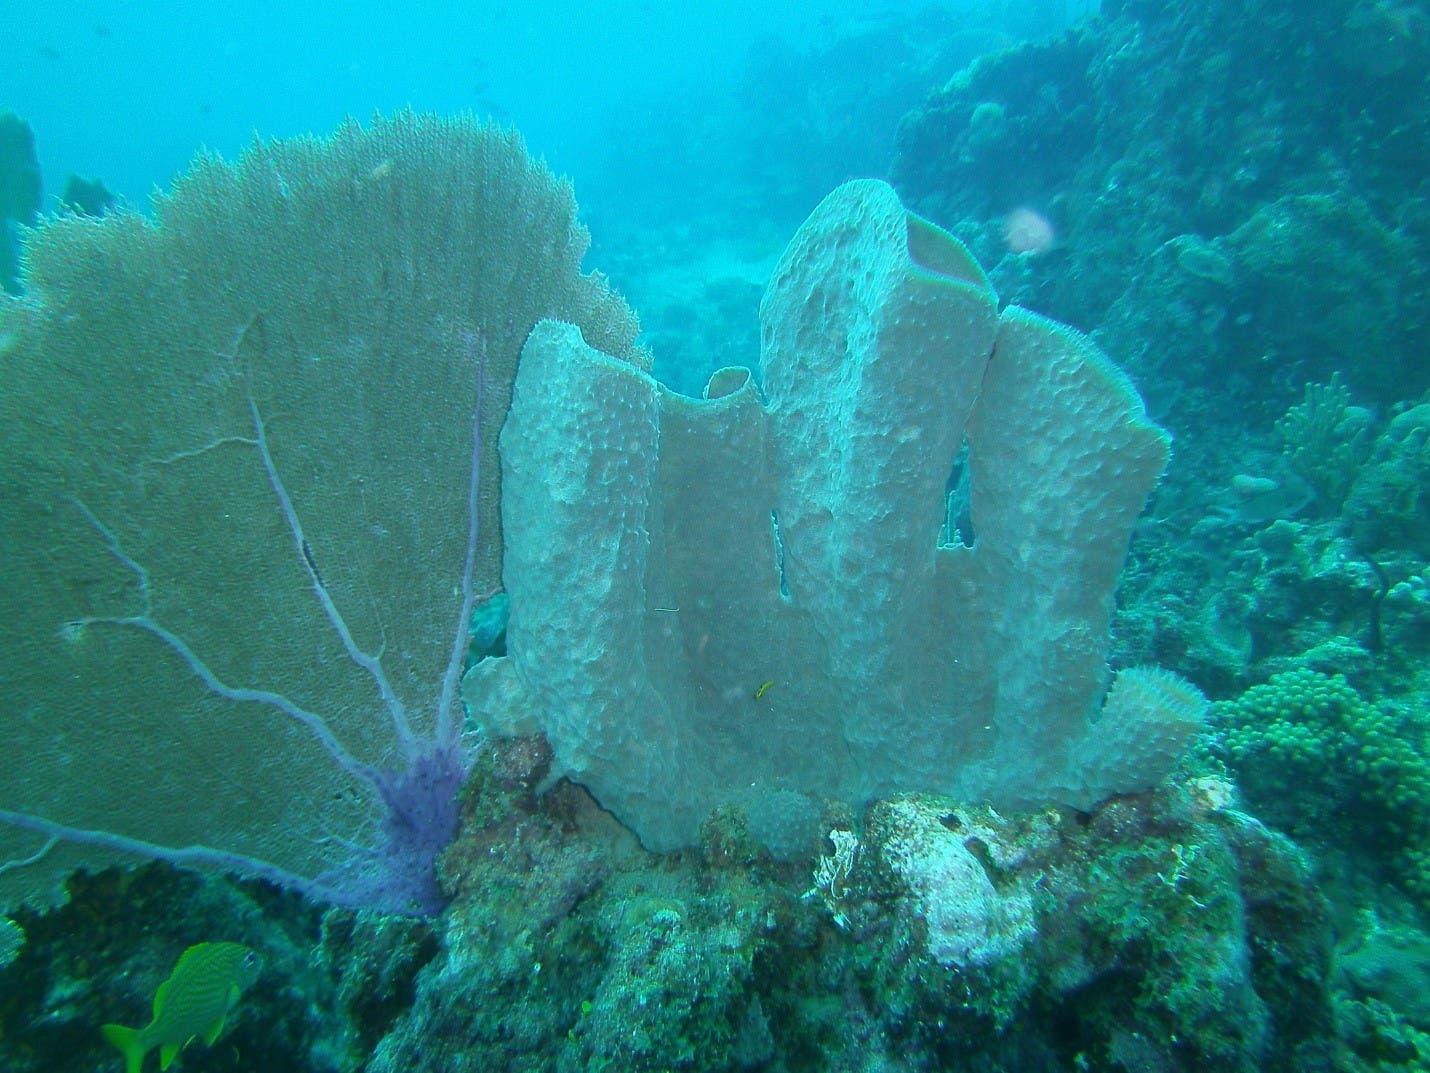 foto-tomada-en-la-isla-catalina-callyspongia-vaginalis-y-gorgonia-ventalina